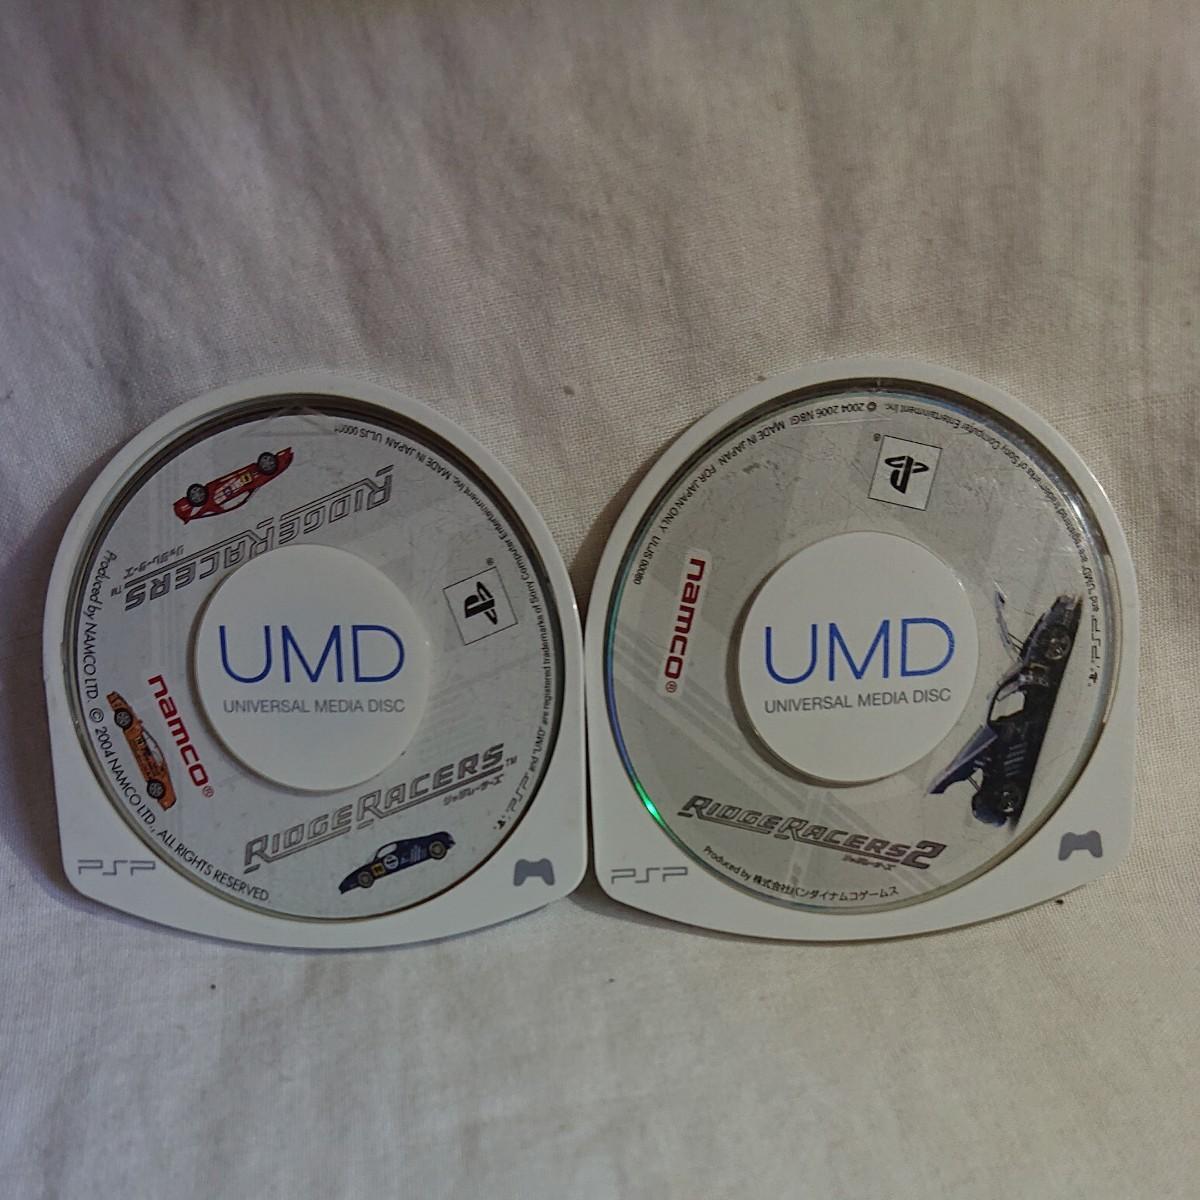 PSP  リッジレーサーズ シリーズセット ソフトのみ 動作確認済み PSPソフト